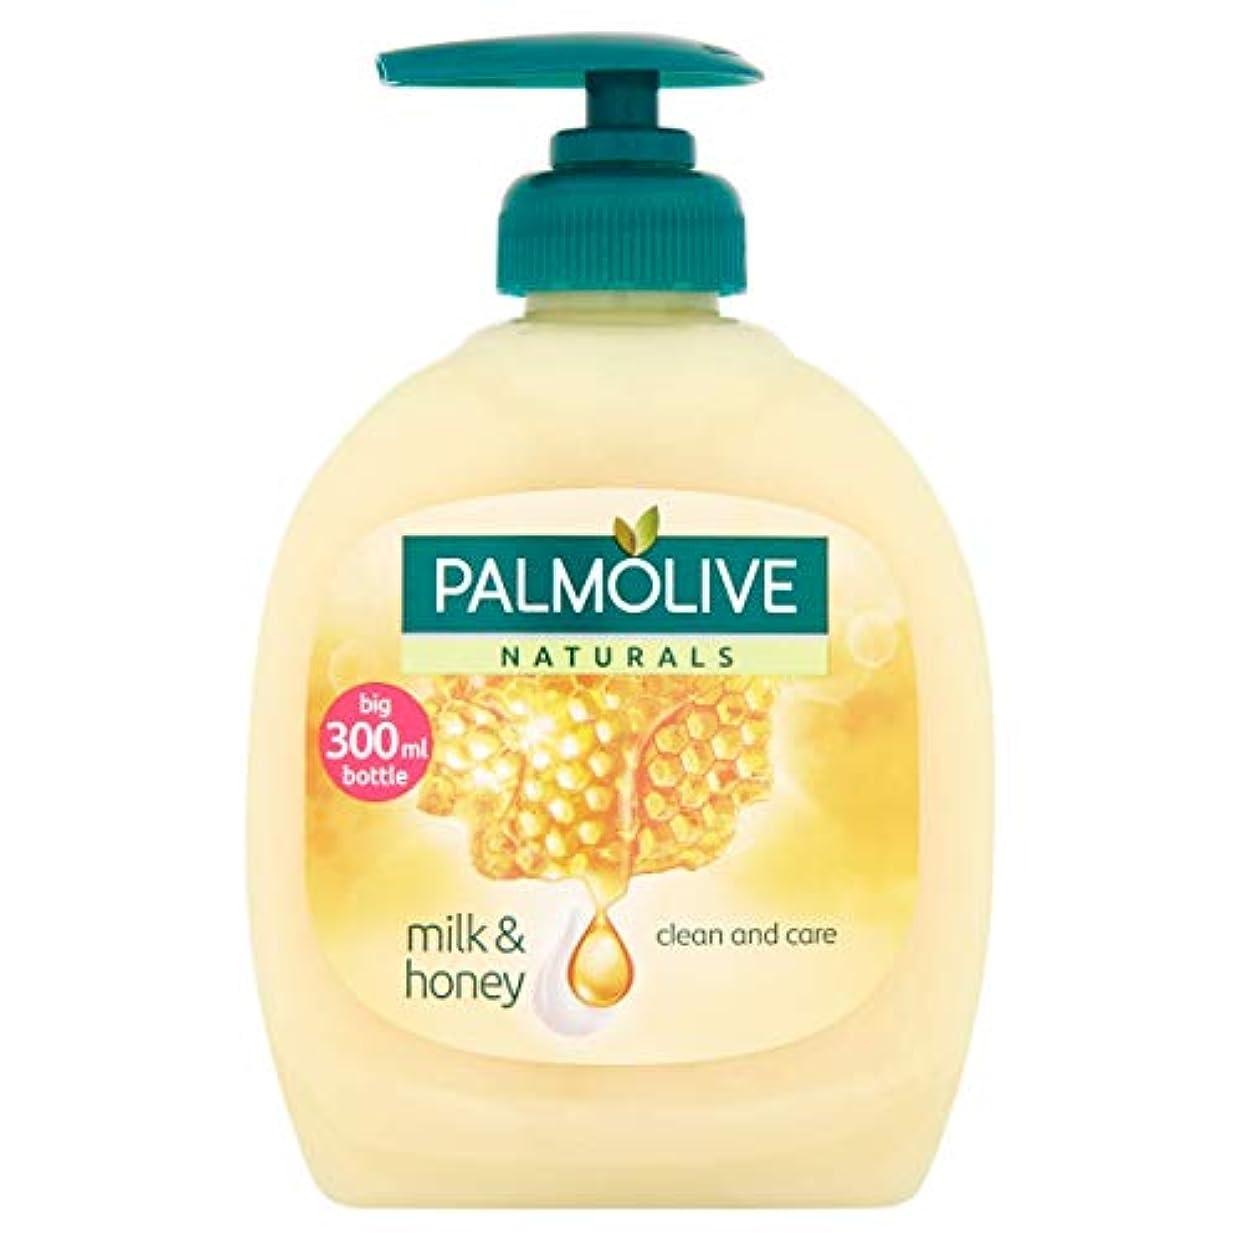 メルボルン探す息を切らしてPalmolive Naturals Milk & Honey Liquid Handwash by Palmolive